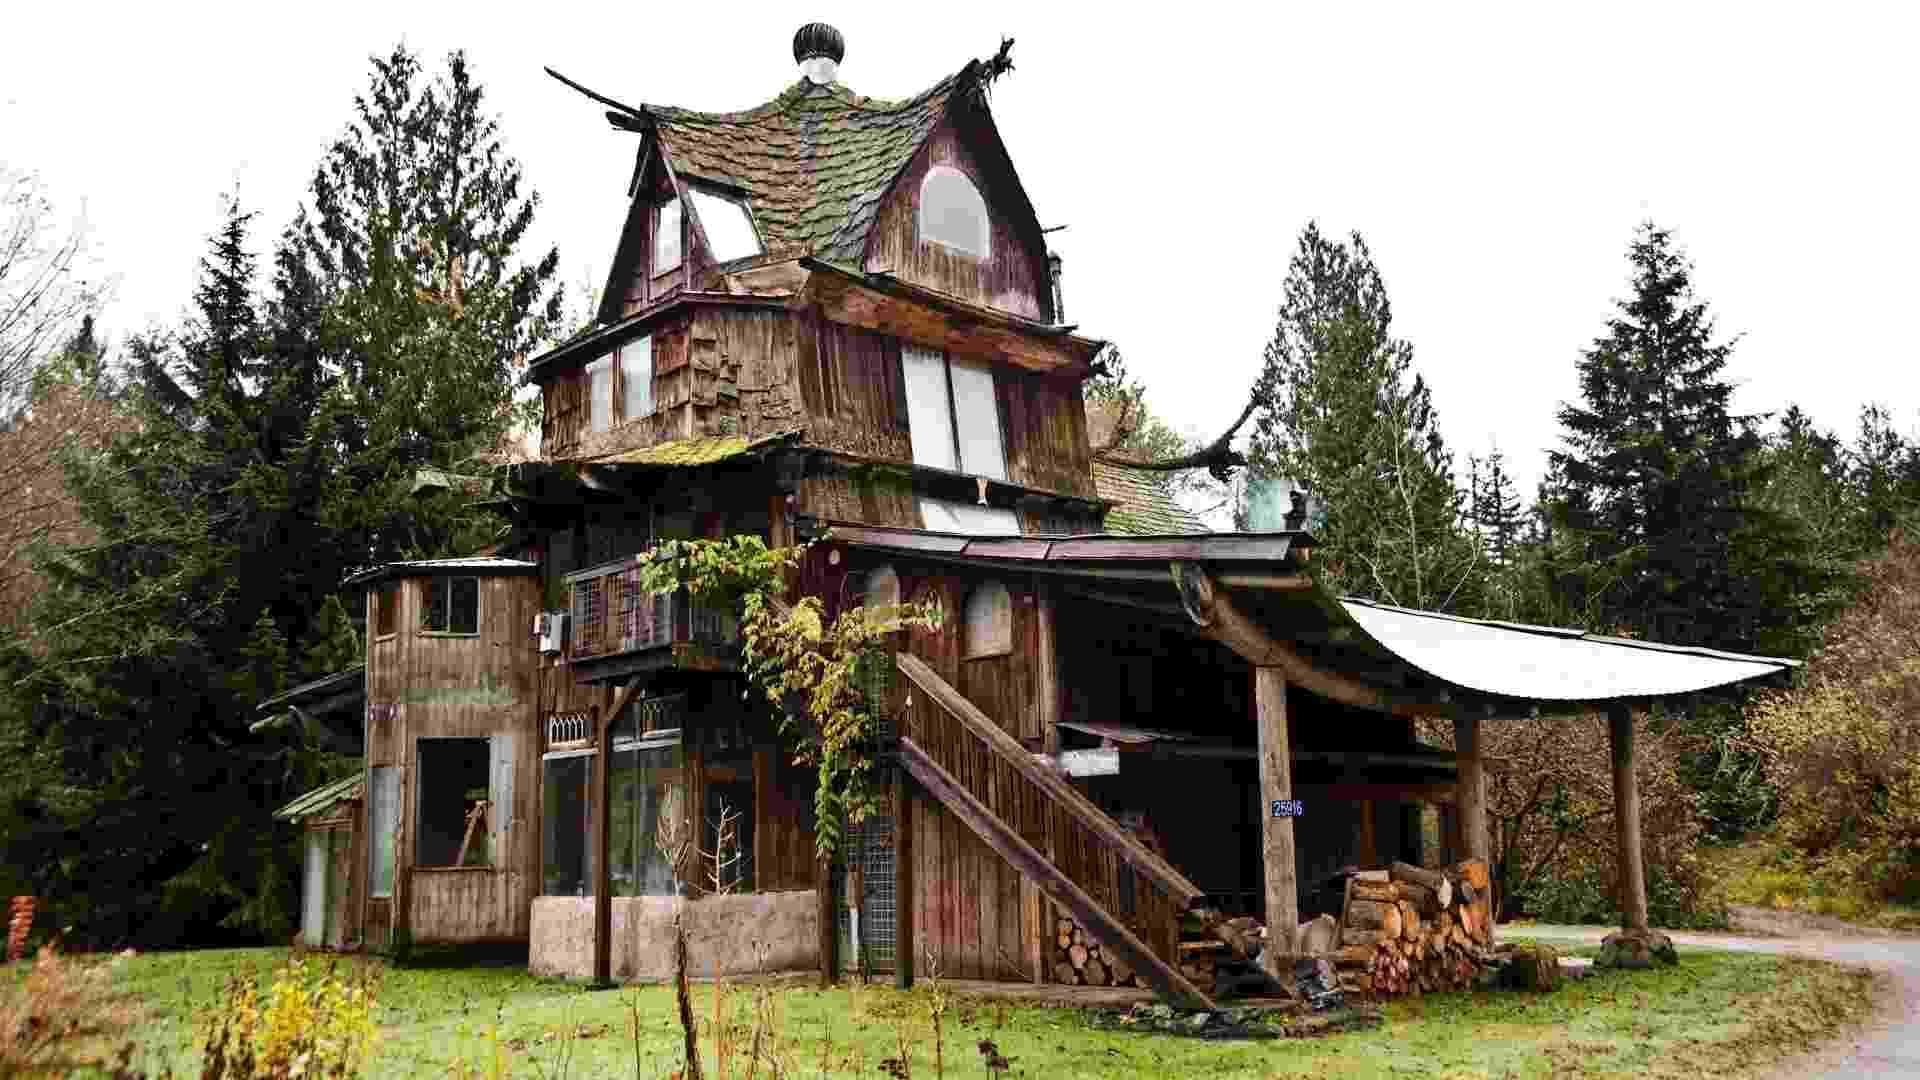 """Até 1998, SunRay Kelley vivia na chamada Sky House, também construída por ele, mas foi """"chutado para fora"""" pela ex-mulher (Imagem do NYT, usar apenas no respectivo material) - Randy Harris/ The New York Times"""